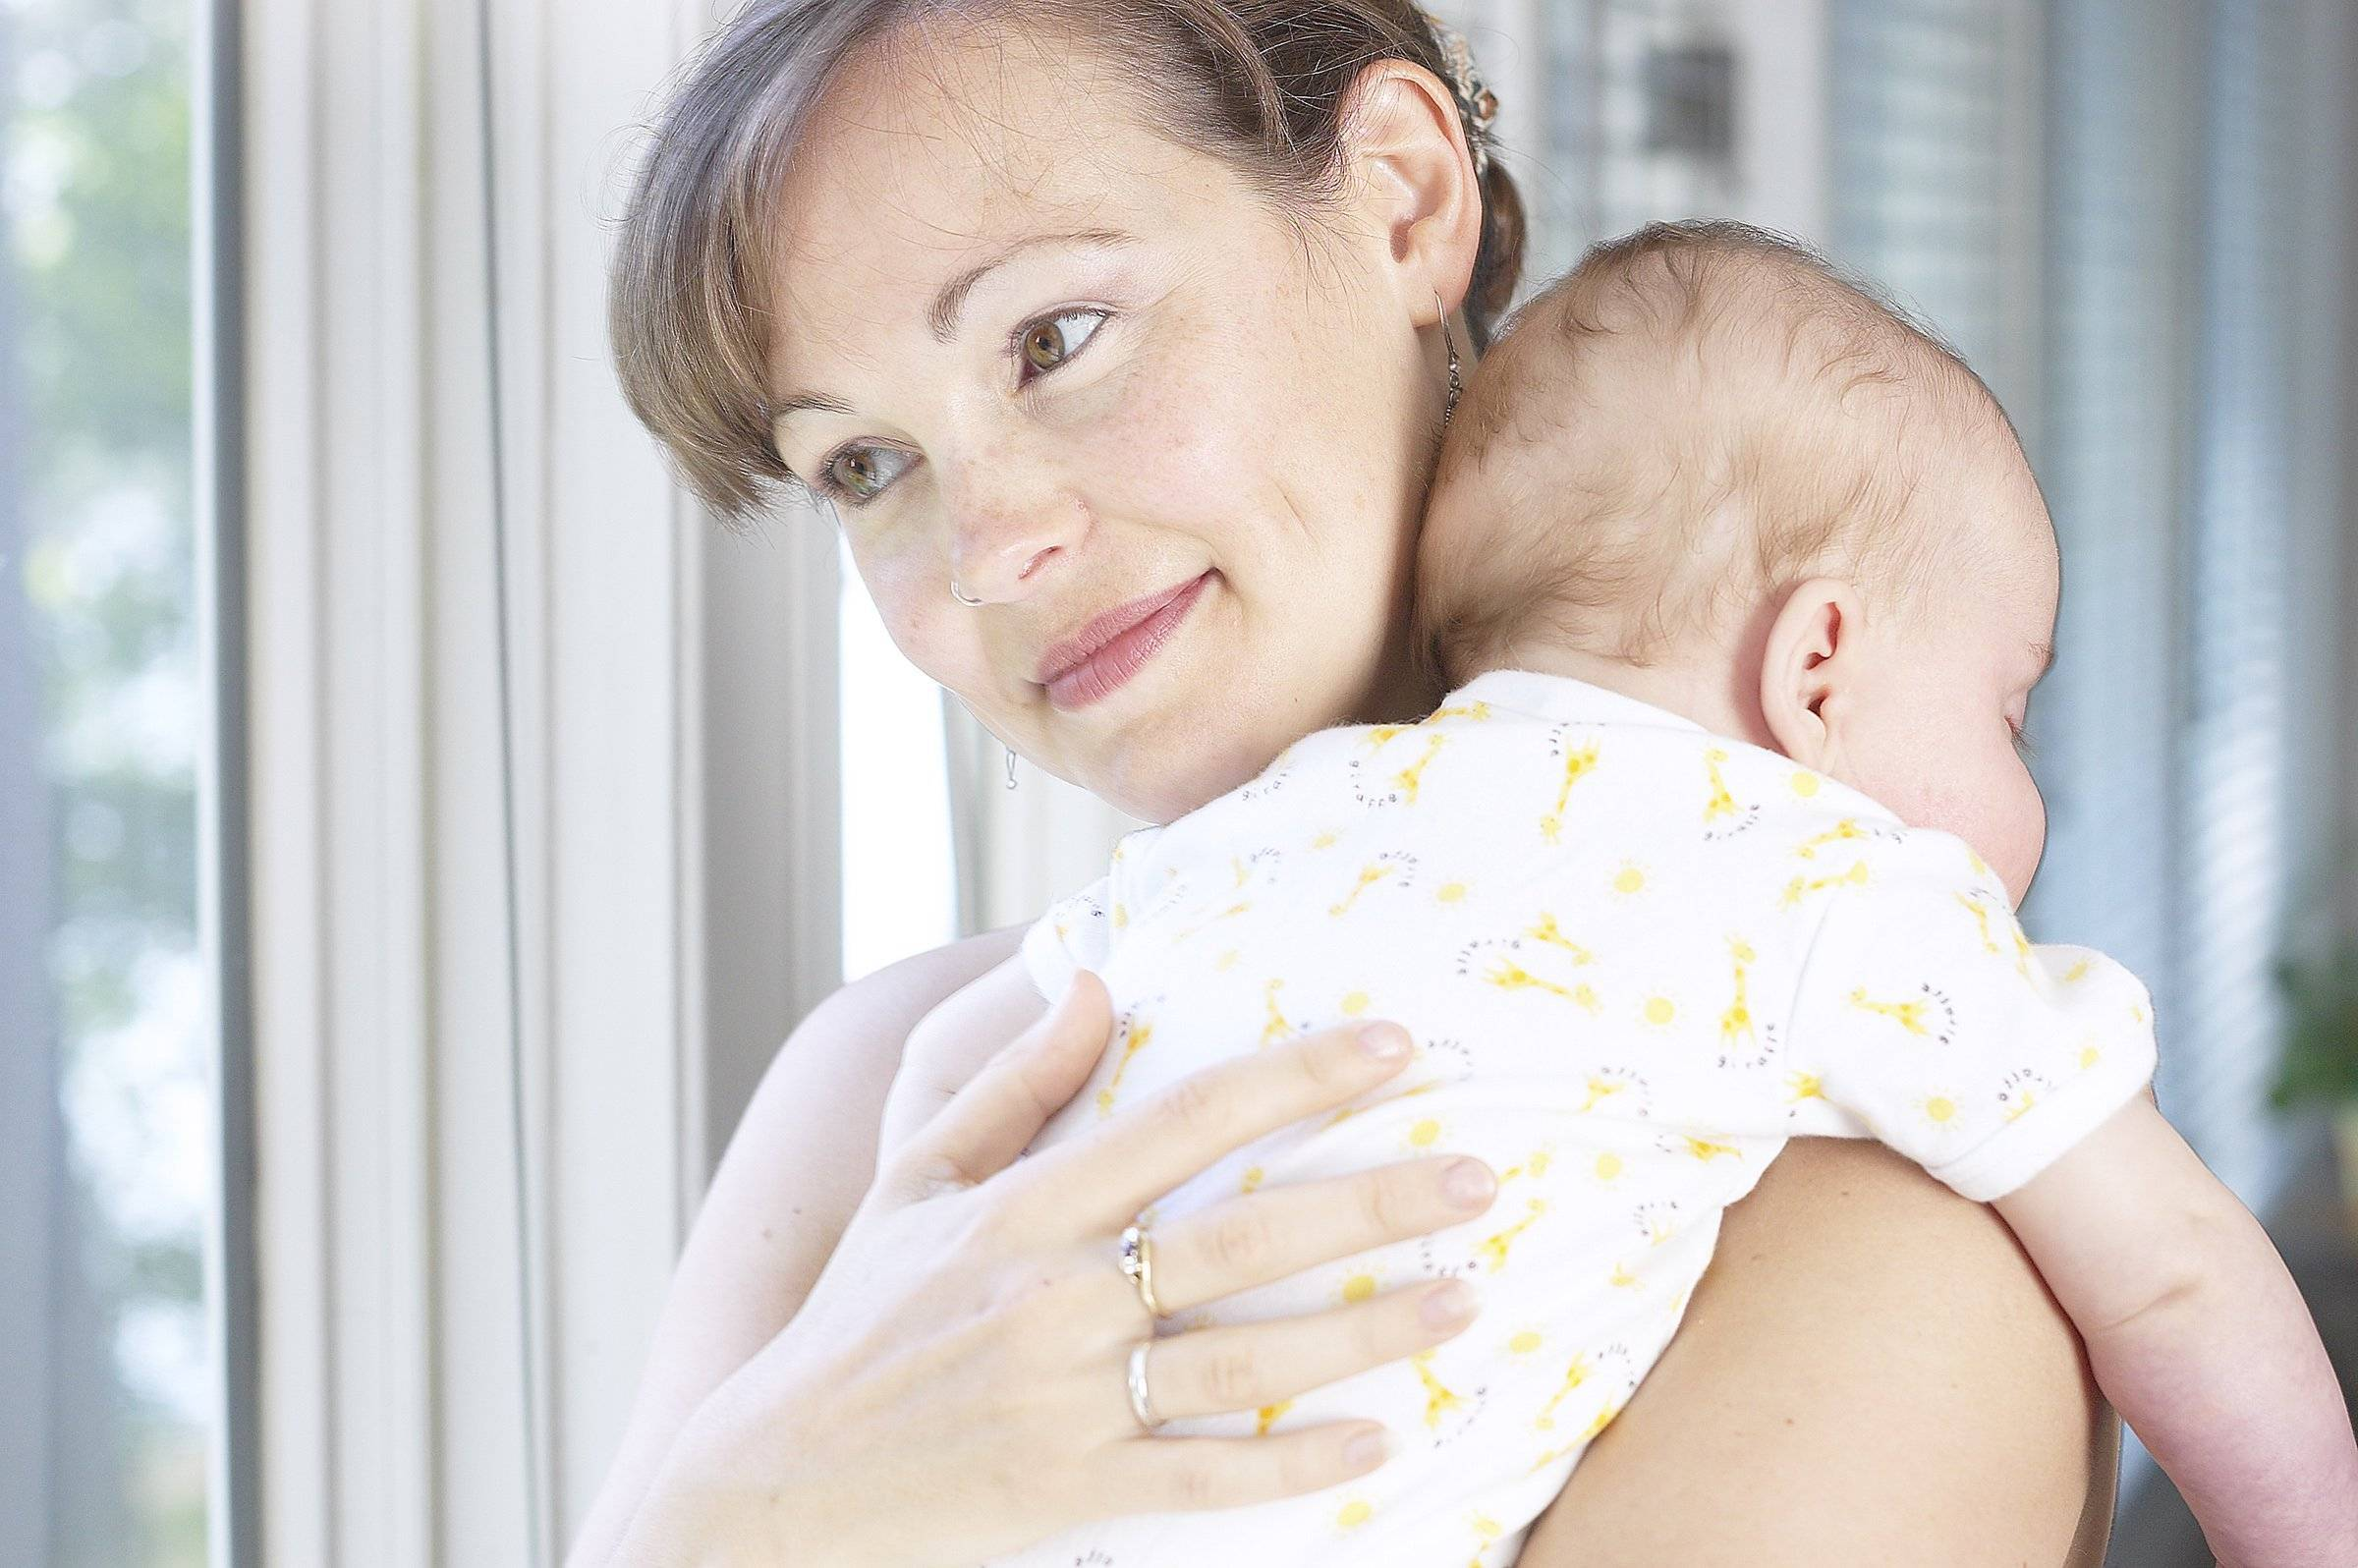 Срыгивания у детей. когда нужен доктор? - почему срыгивает новорожденный - запись пользователя оляля (ivanovskaiy) в сообществе здоровье новорожденных в категории срыгивание - babyblog.ru